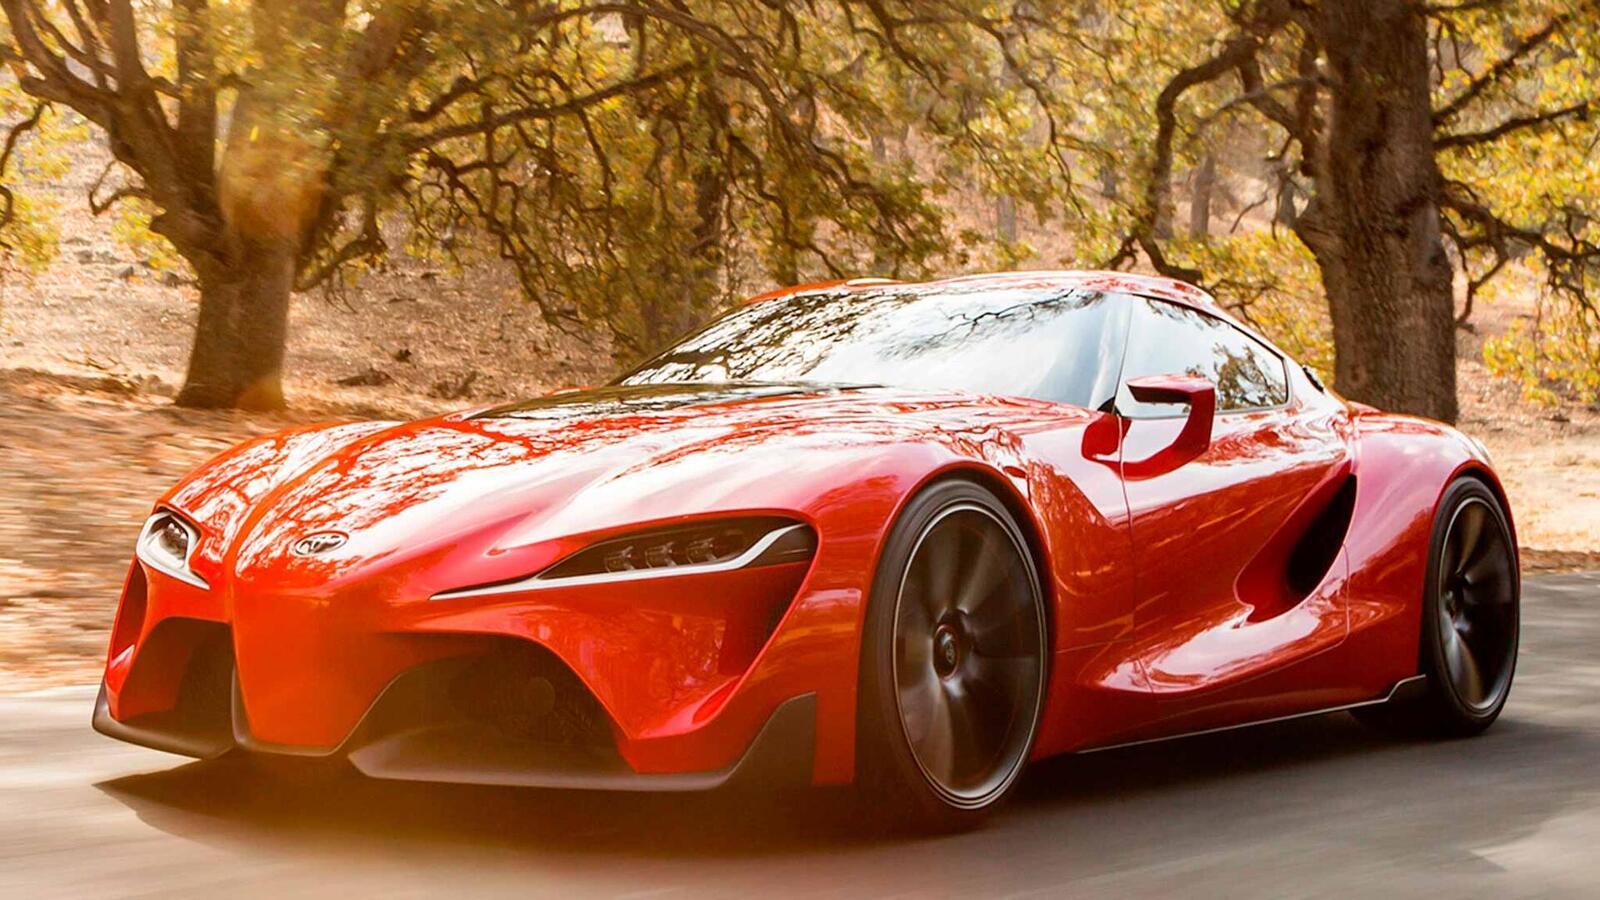 Ngoài đổi mới thiết kế trẻ trung Toyota sẽ phát triển nhiều xe thể thao hơn trong tương lai - Hình 1